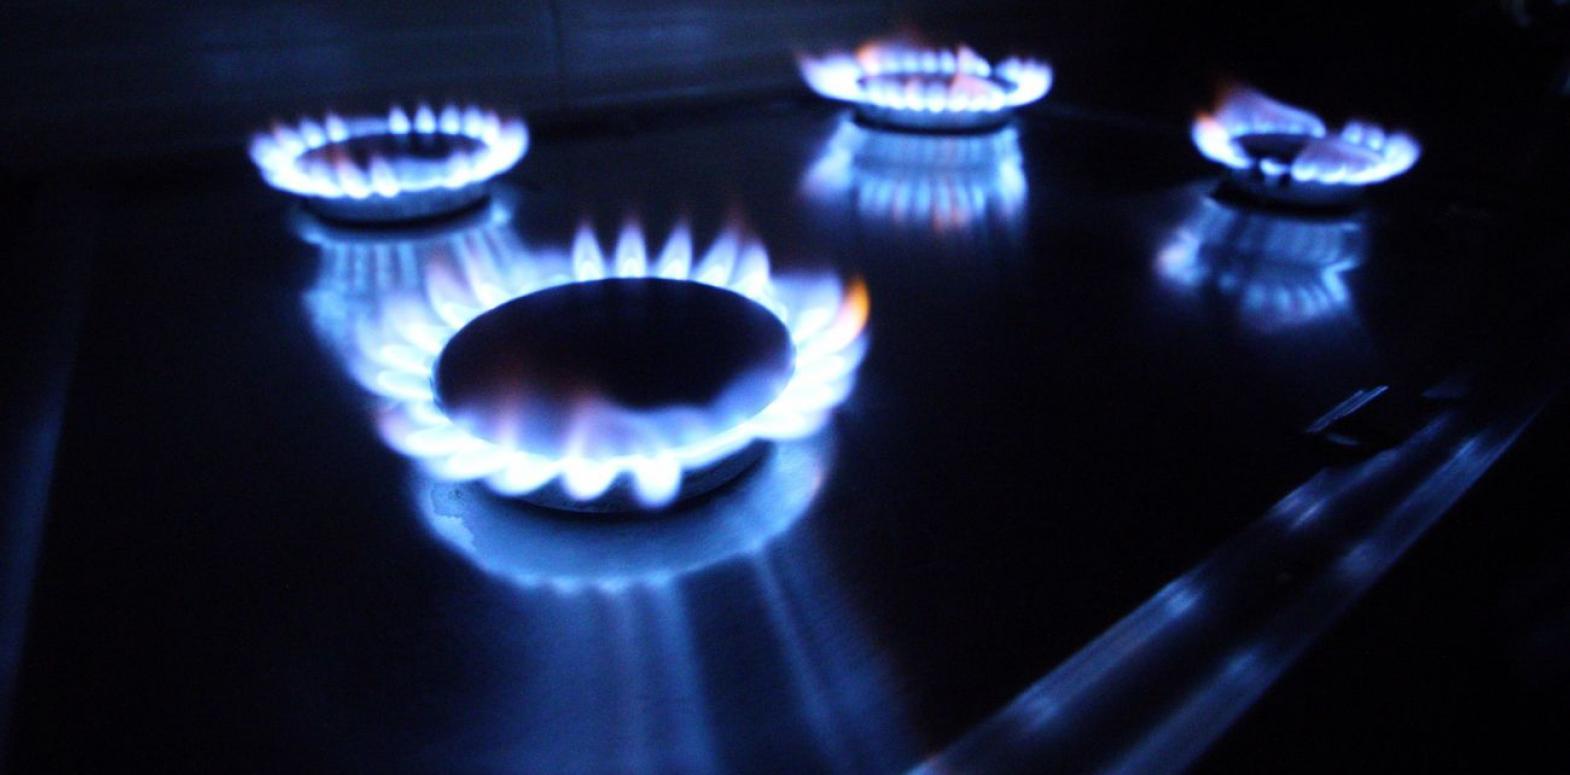 Цену на газ ограничат с 1 февраля: какой тариф и как это будет работать (документ)